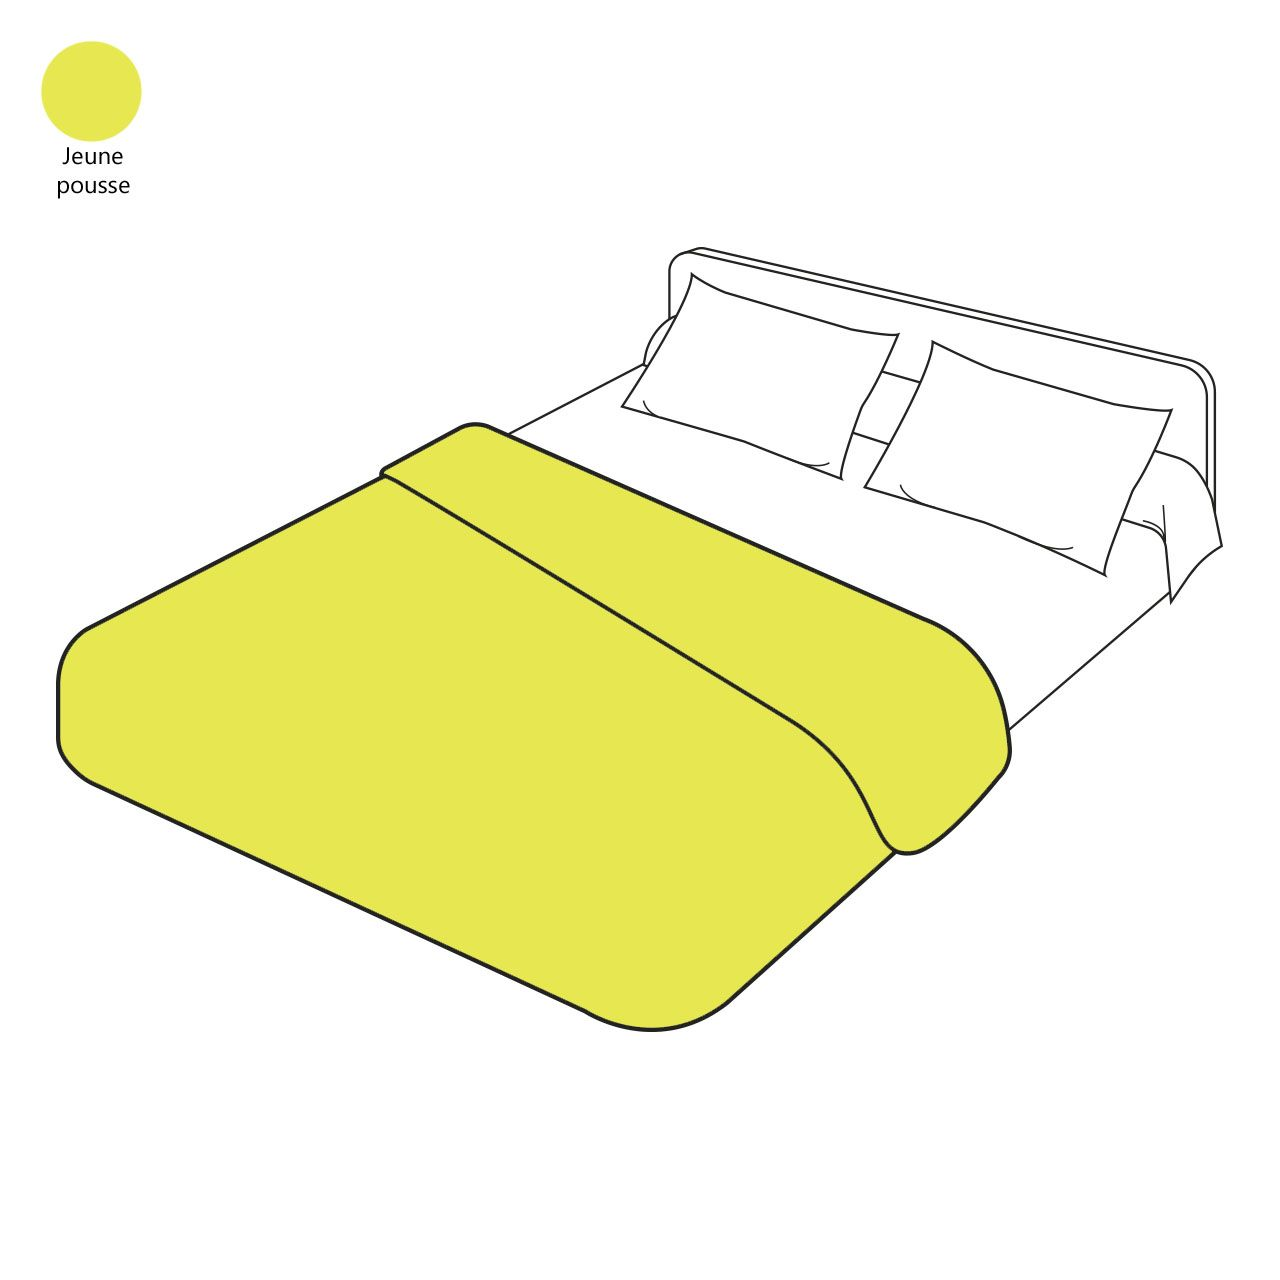 housse de couette uni lin lav jeune pousse 240x220 sylvie thiriez. Black Bedroom Furniture Sets. Home Design Ideas